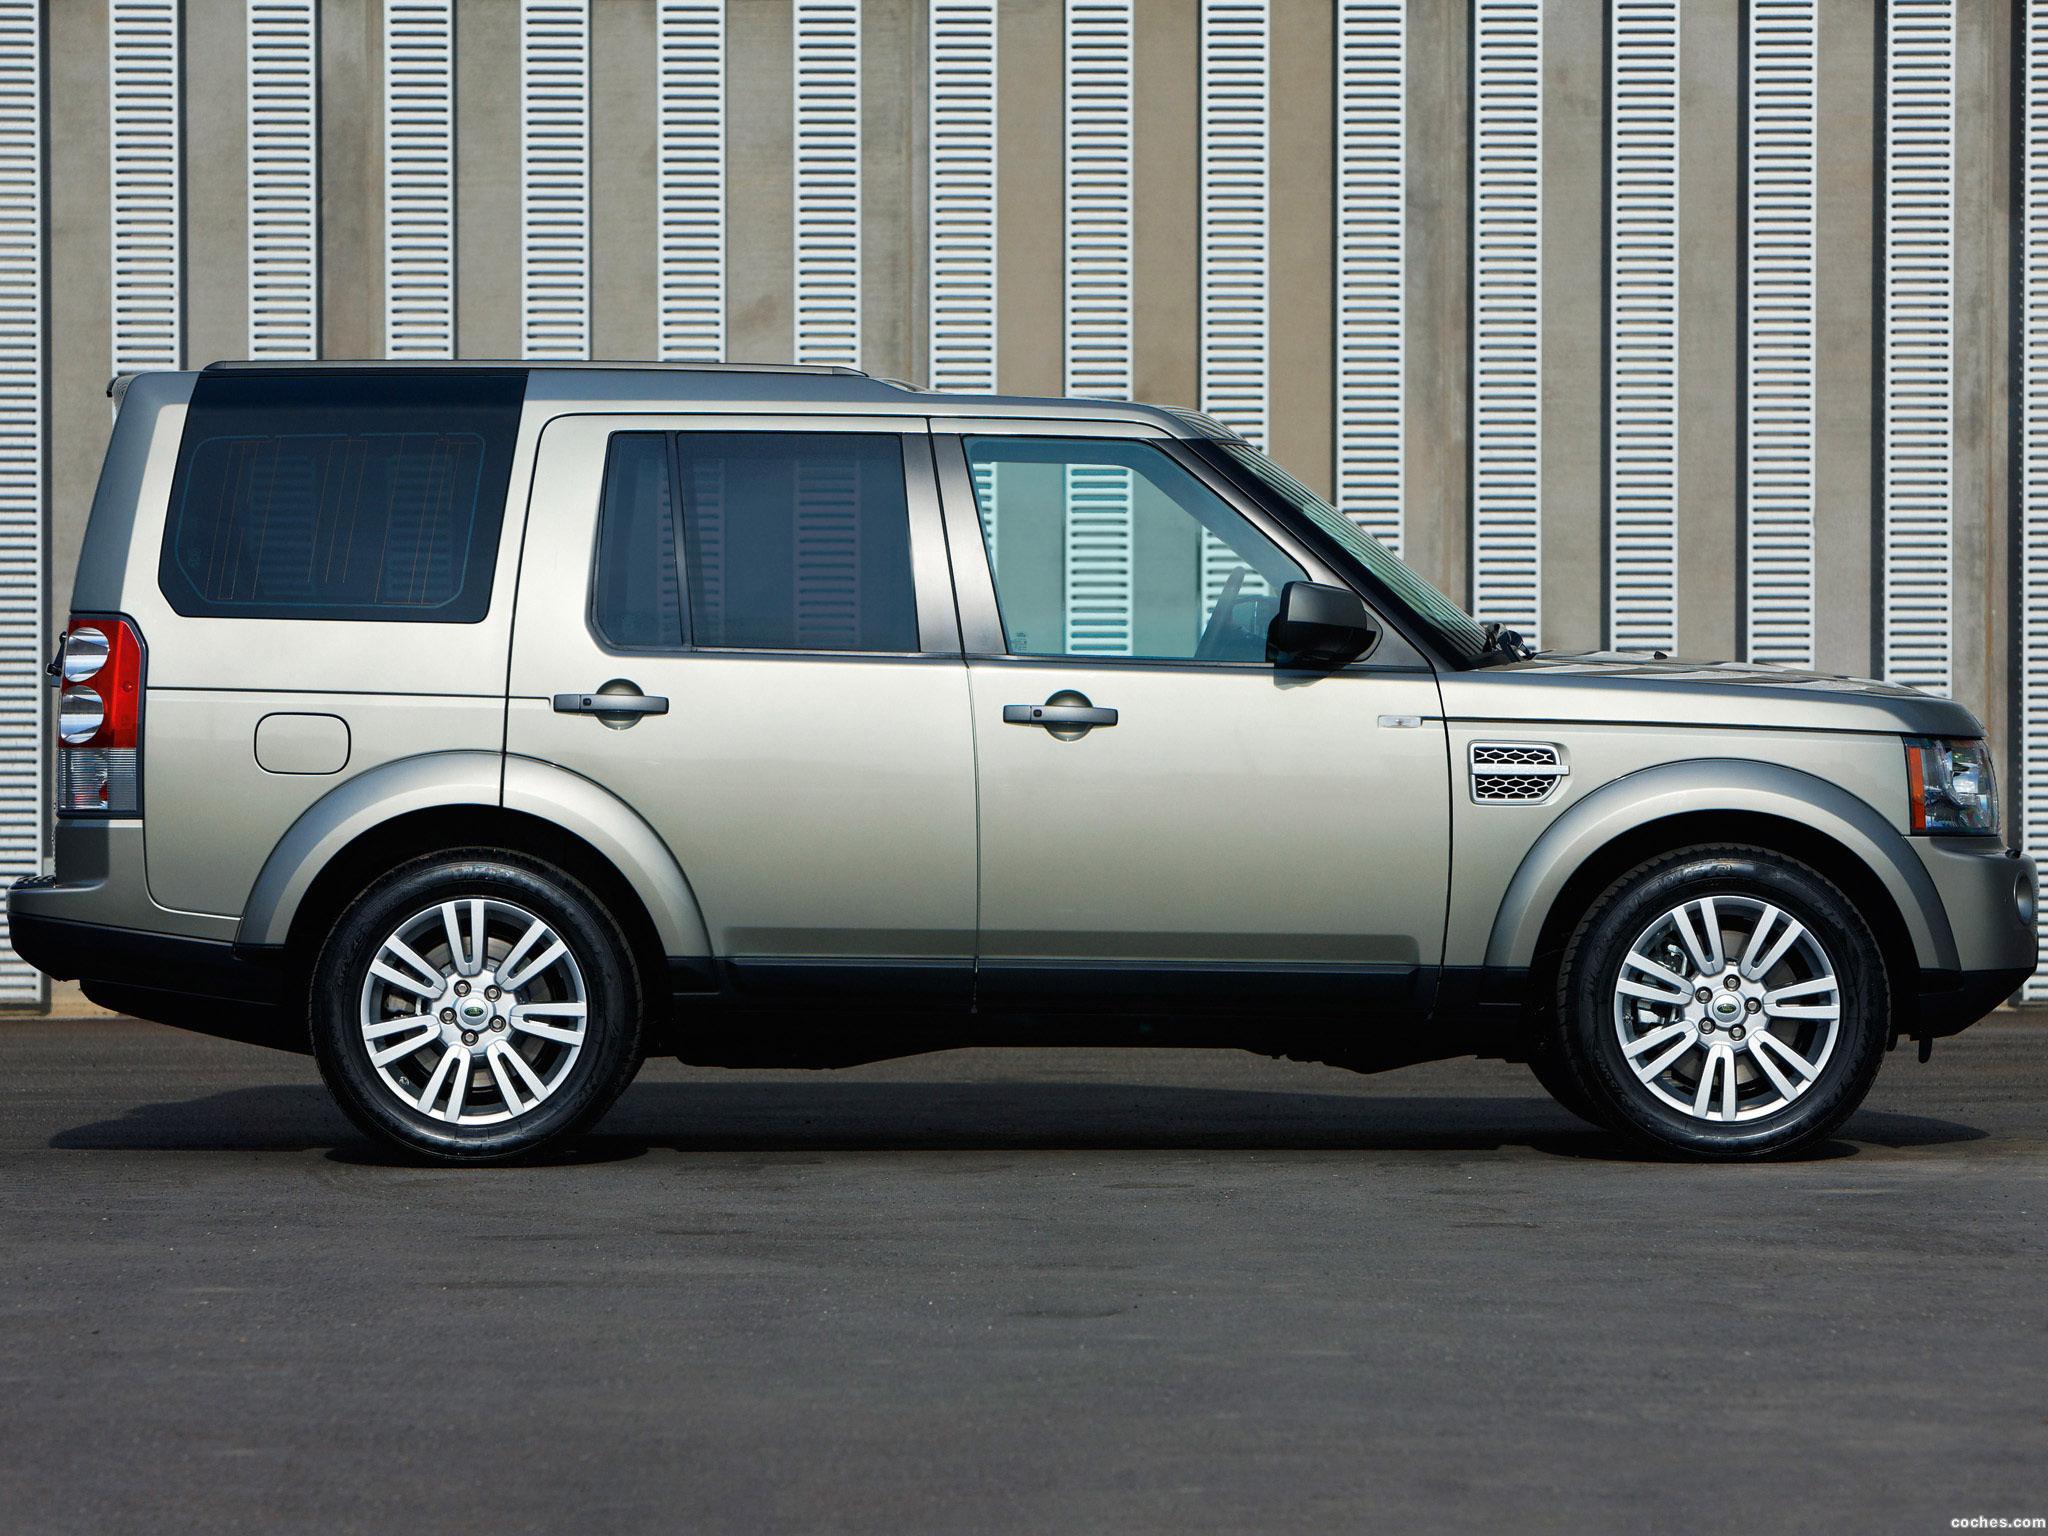 Foto 4 de Land Rover Discovery LR4 2009